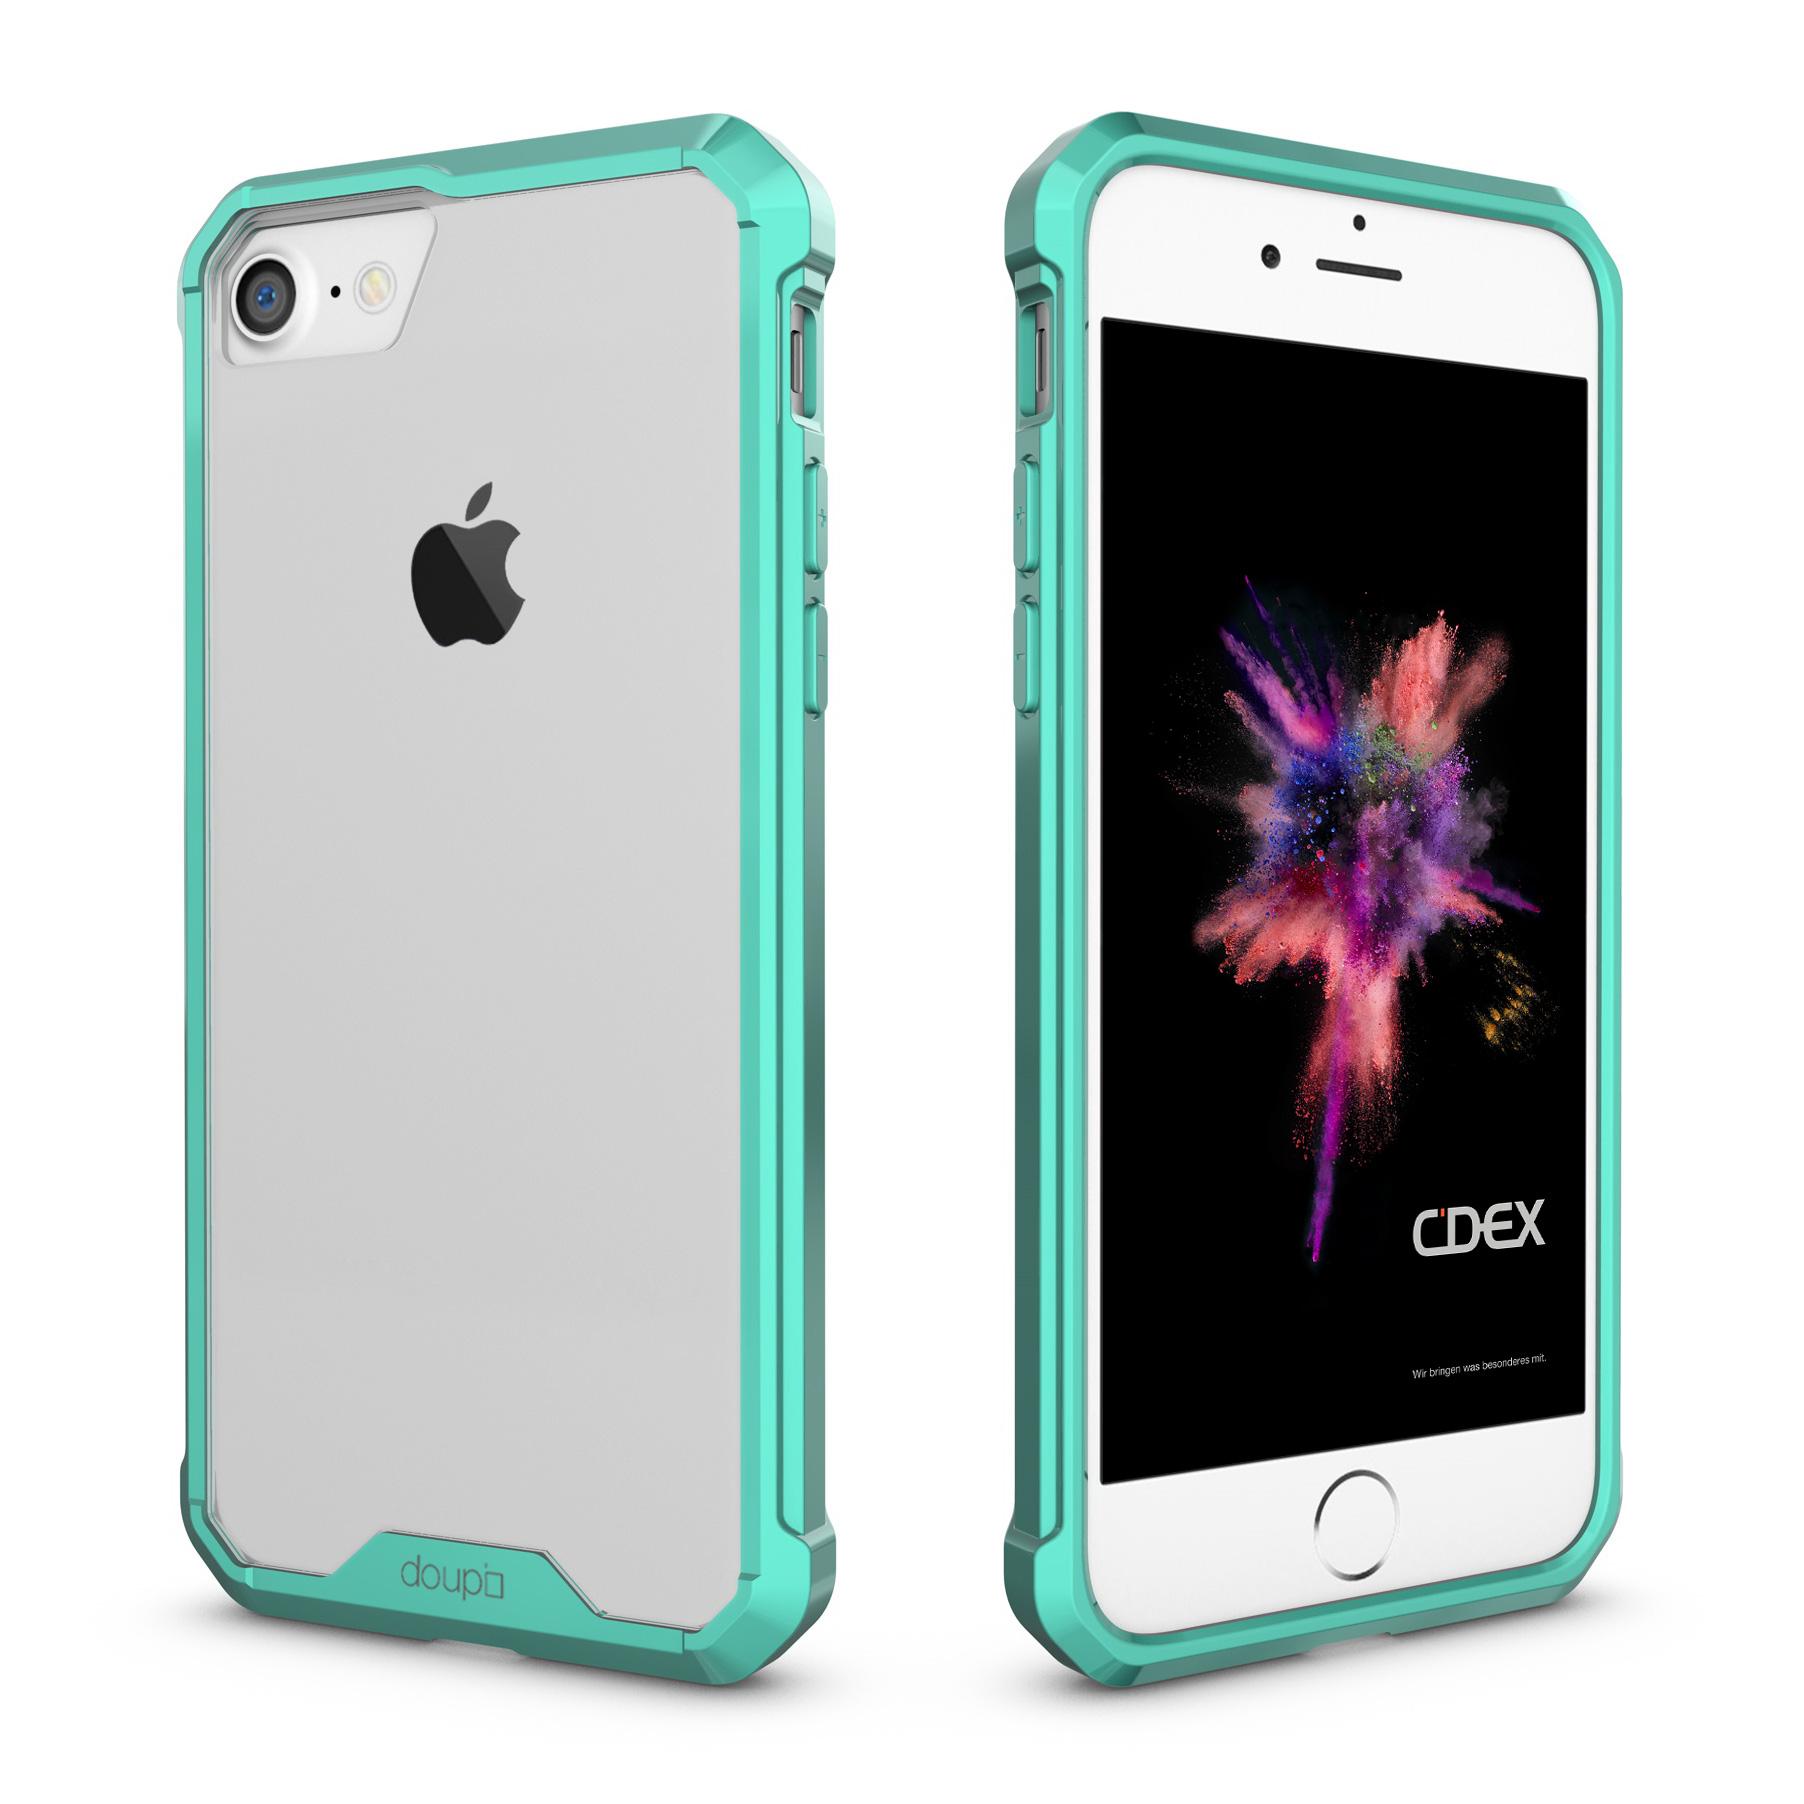 AirClear-Case-iPhone-8-7-4-7-034-Rueckschale-Bumper-Rahmen-Schutz-Huelle-Folie Indexbild 13